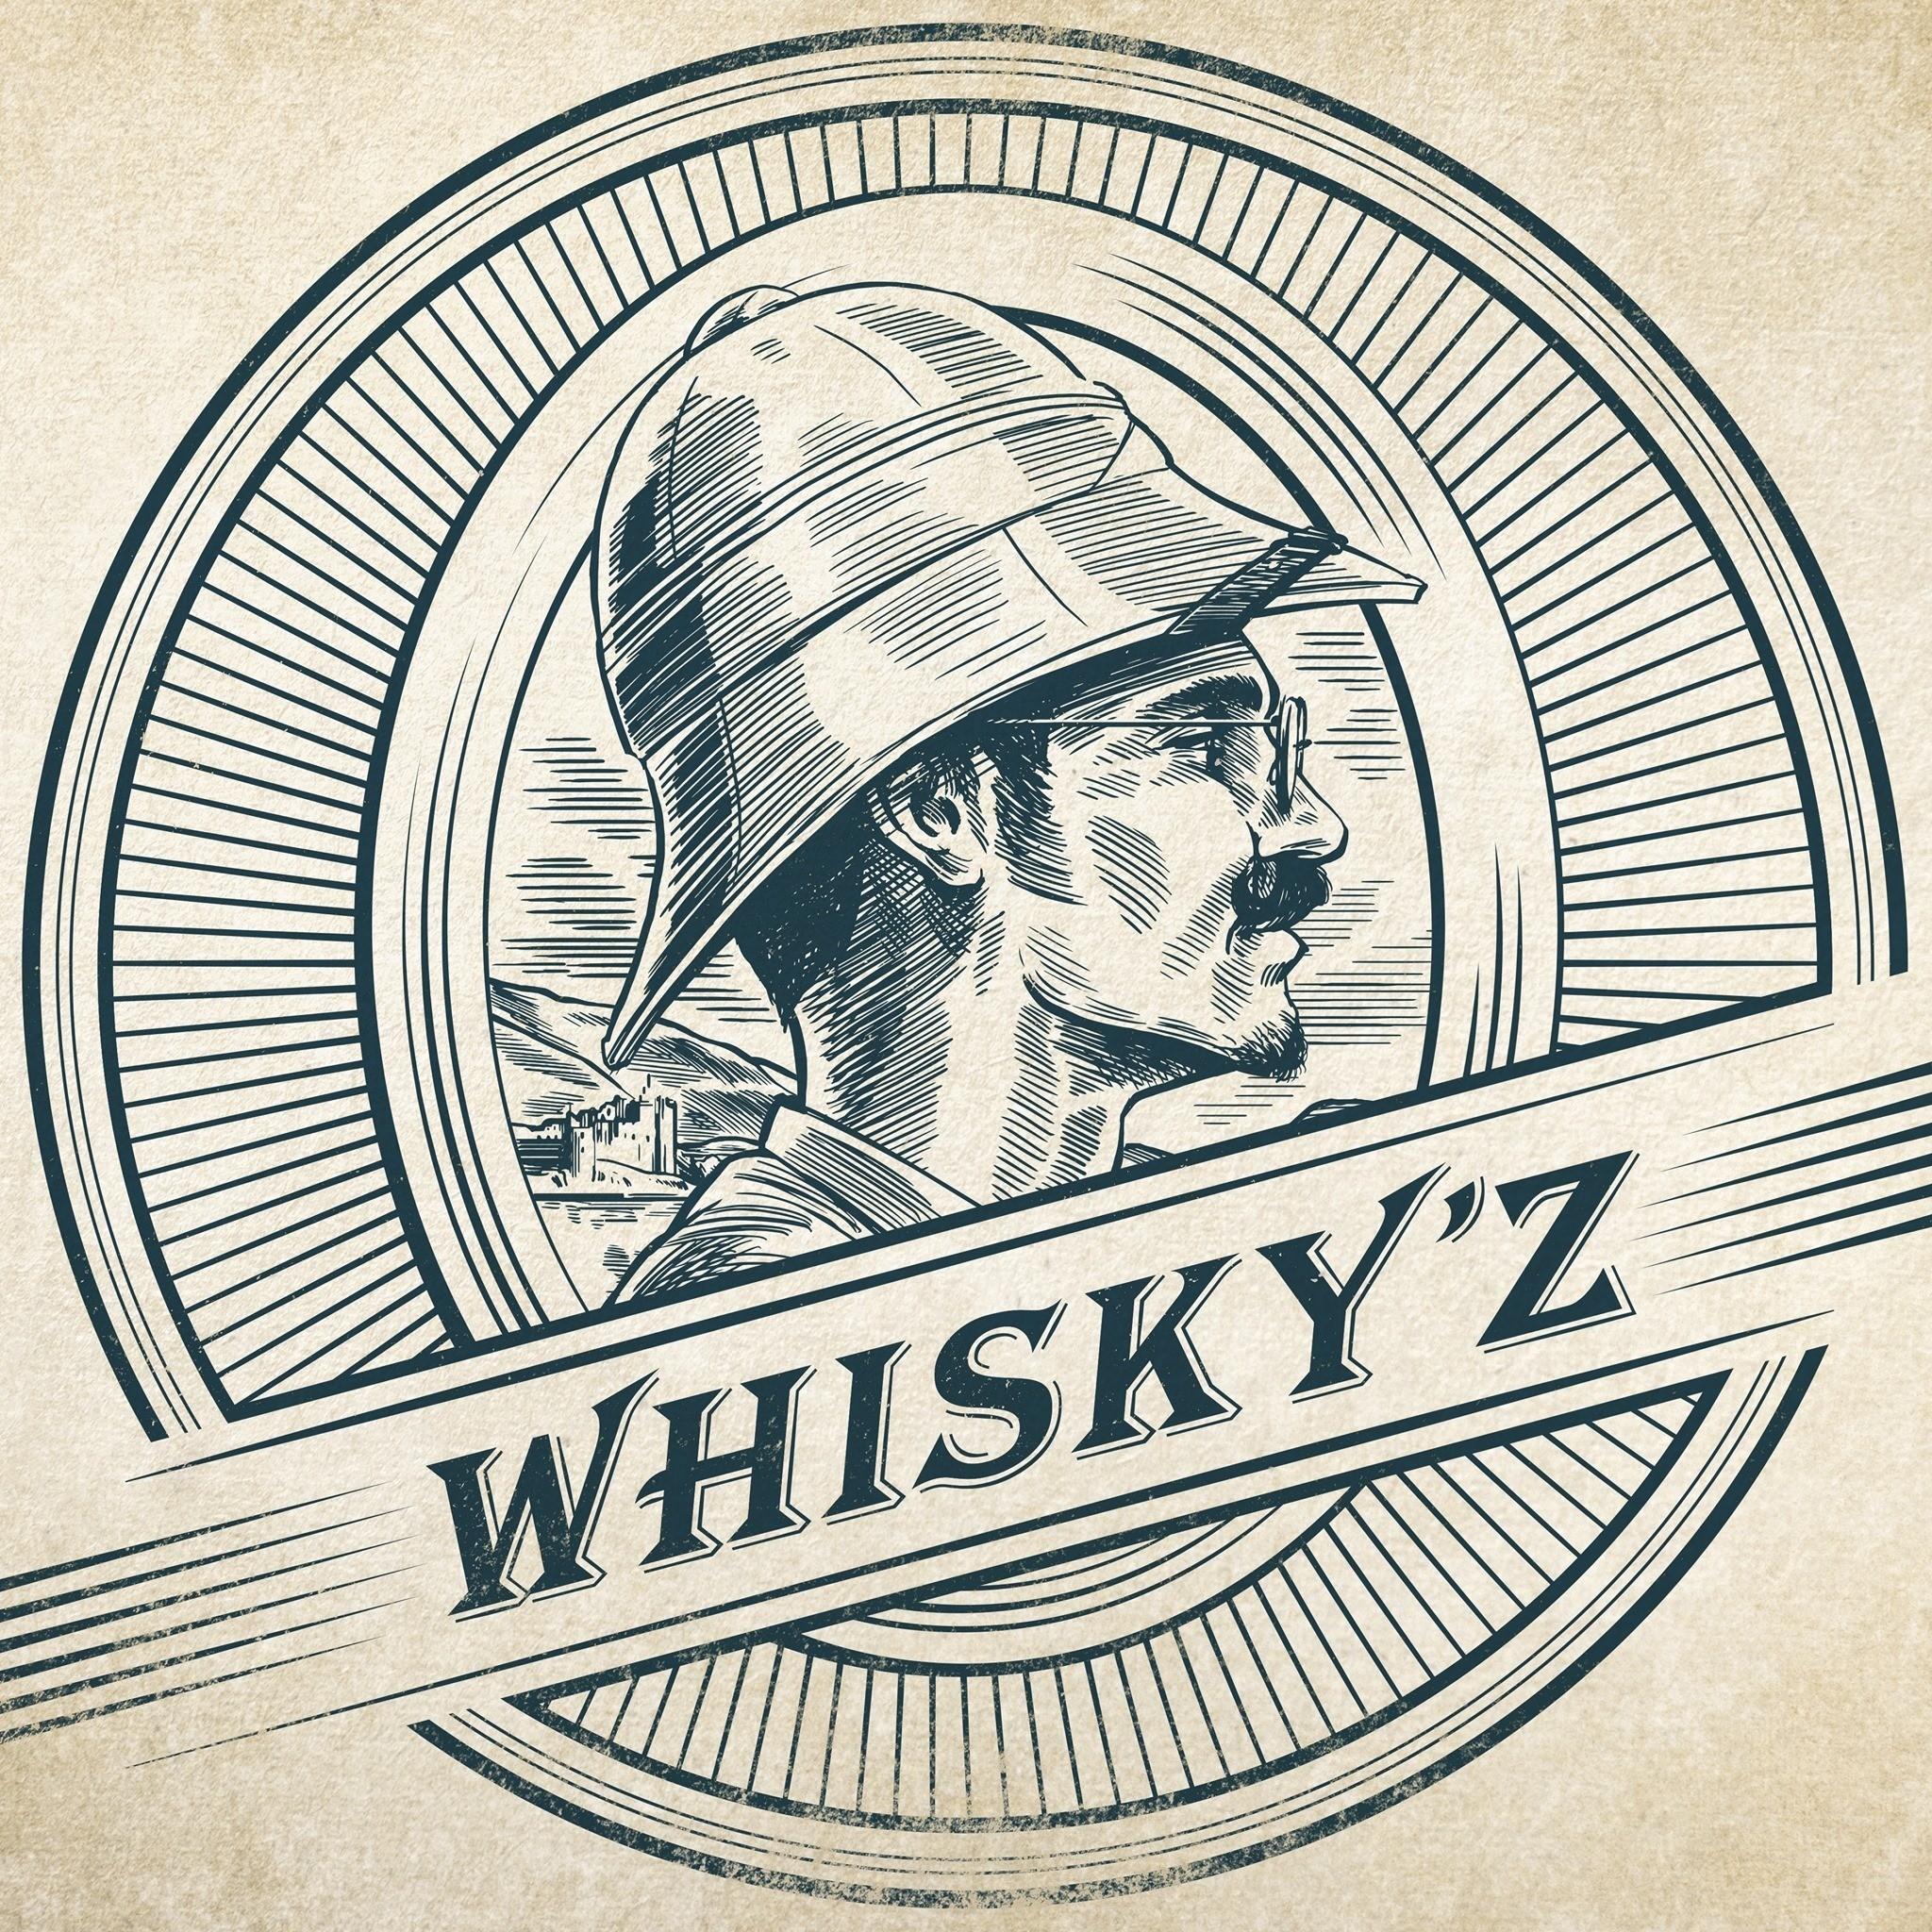 Whisky'z